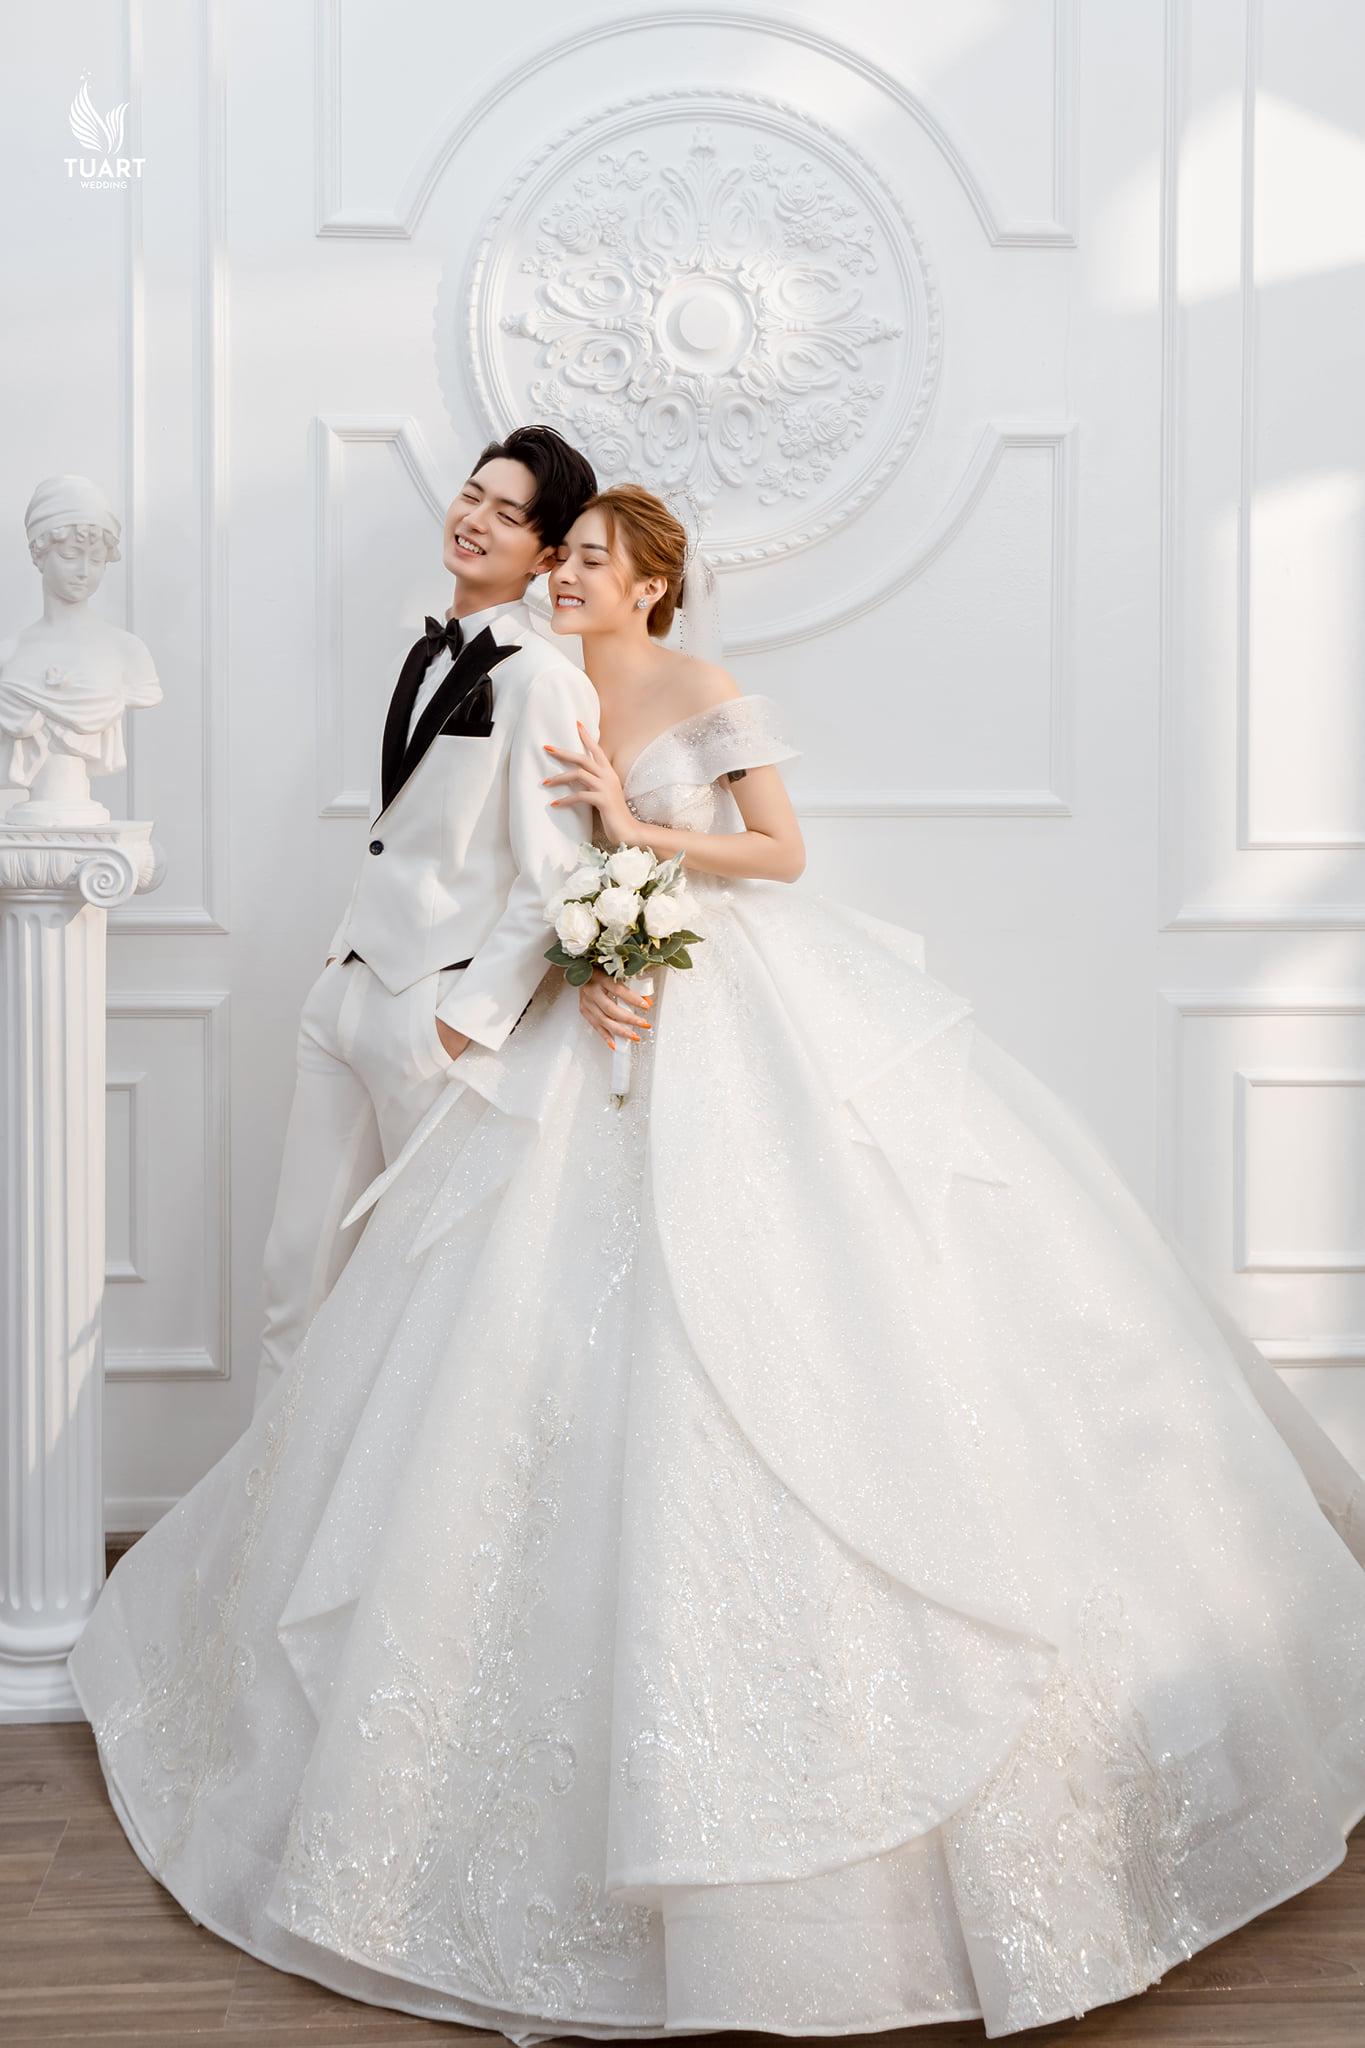 TuArt Galaxy - Album ảnh cưới đẹp tại Hà Nội  37